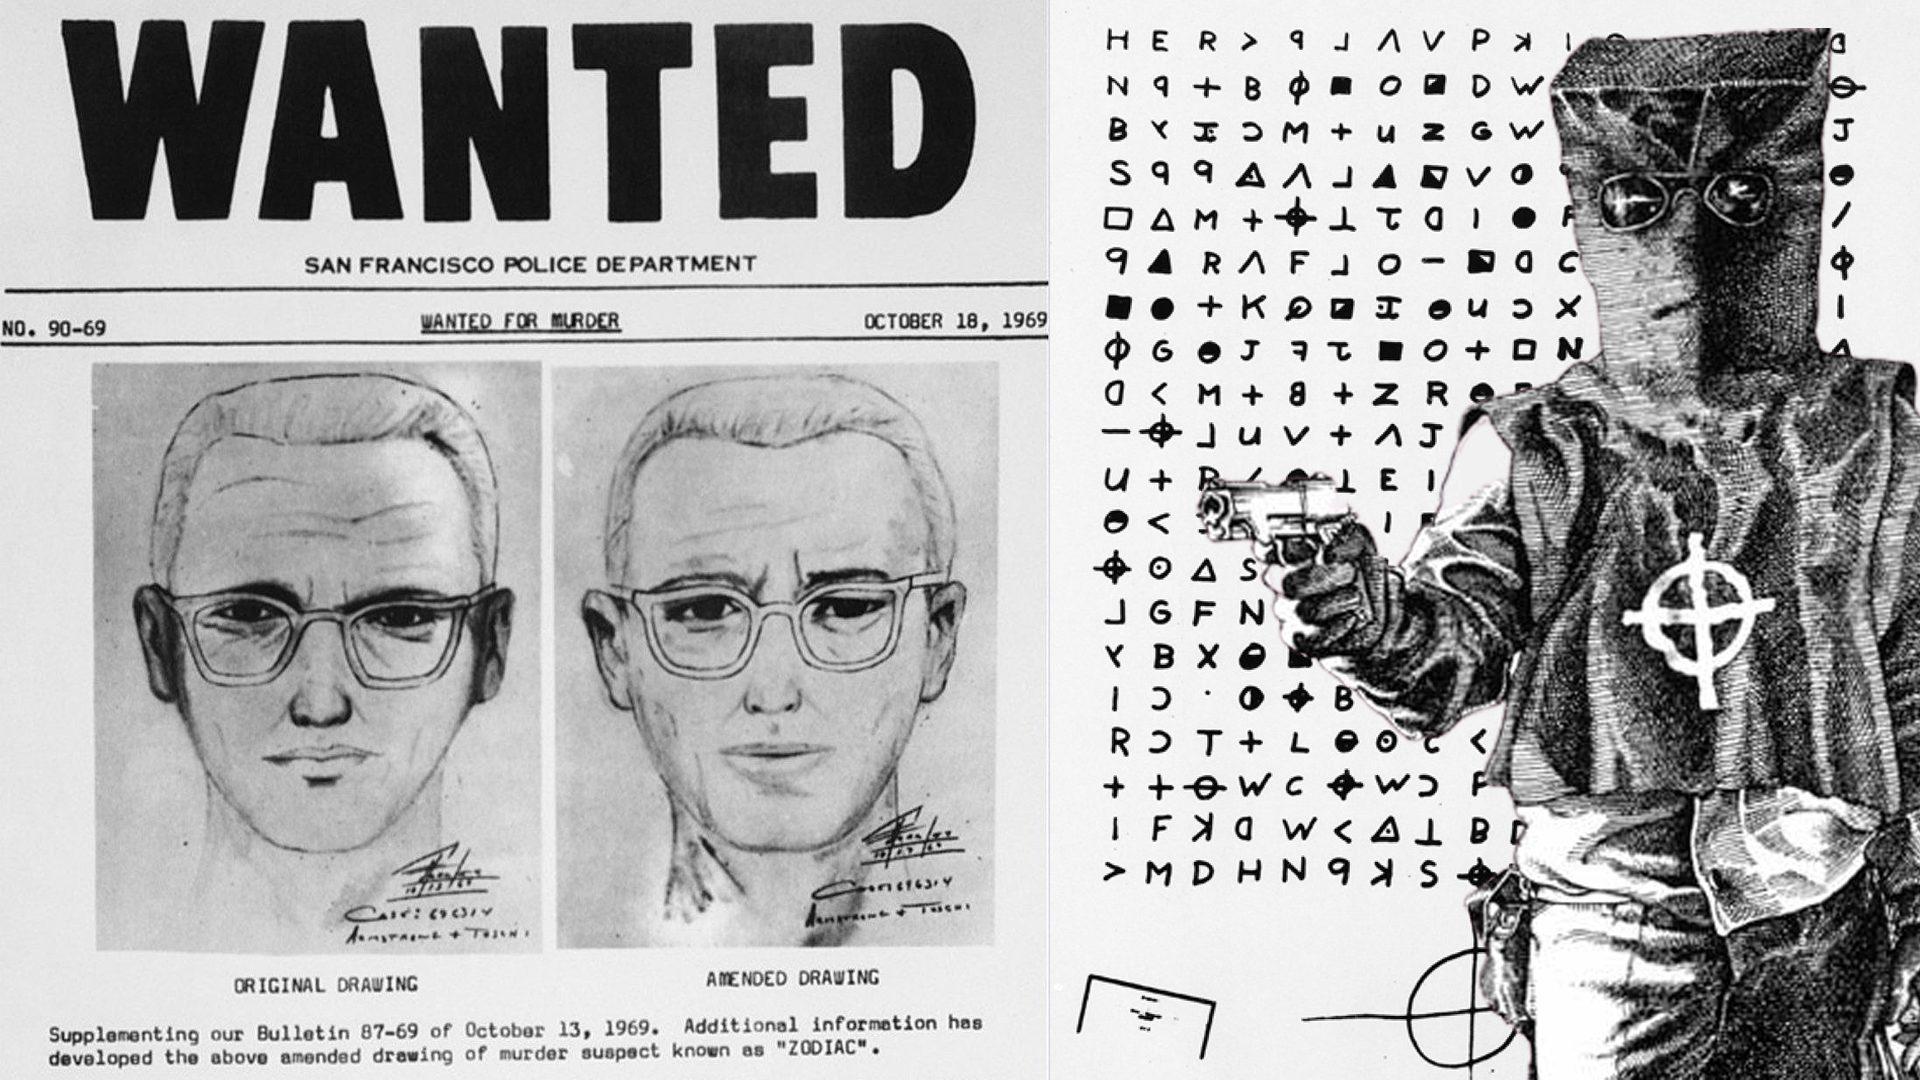 ถอดรหัสได้แล้ว! จดหมายจาก Zodiac Killer ฆาตกรชื่อดัง หลังใช้เวลานาน 51 ปี